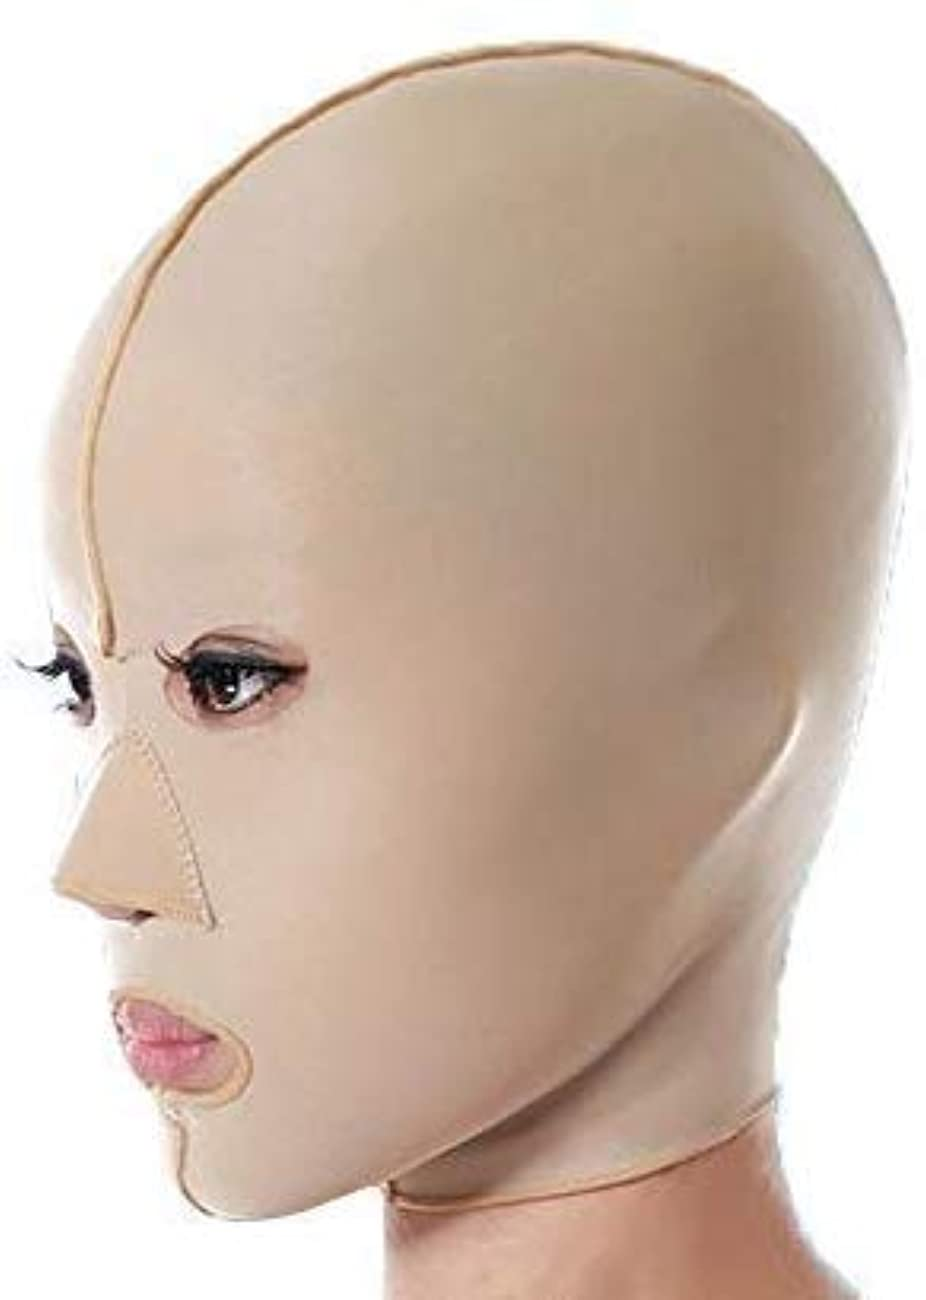 フロンティアコンパイル救急車スリミングVフェイスマスク、ファーミングフェイスマスク、フェイシャルマスク医学強力なフェイスマスクアーティファクト美容アンチタギング法パターン顔リフティング引き締めフルフェイスマスク(サイズ:M)